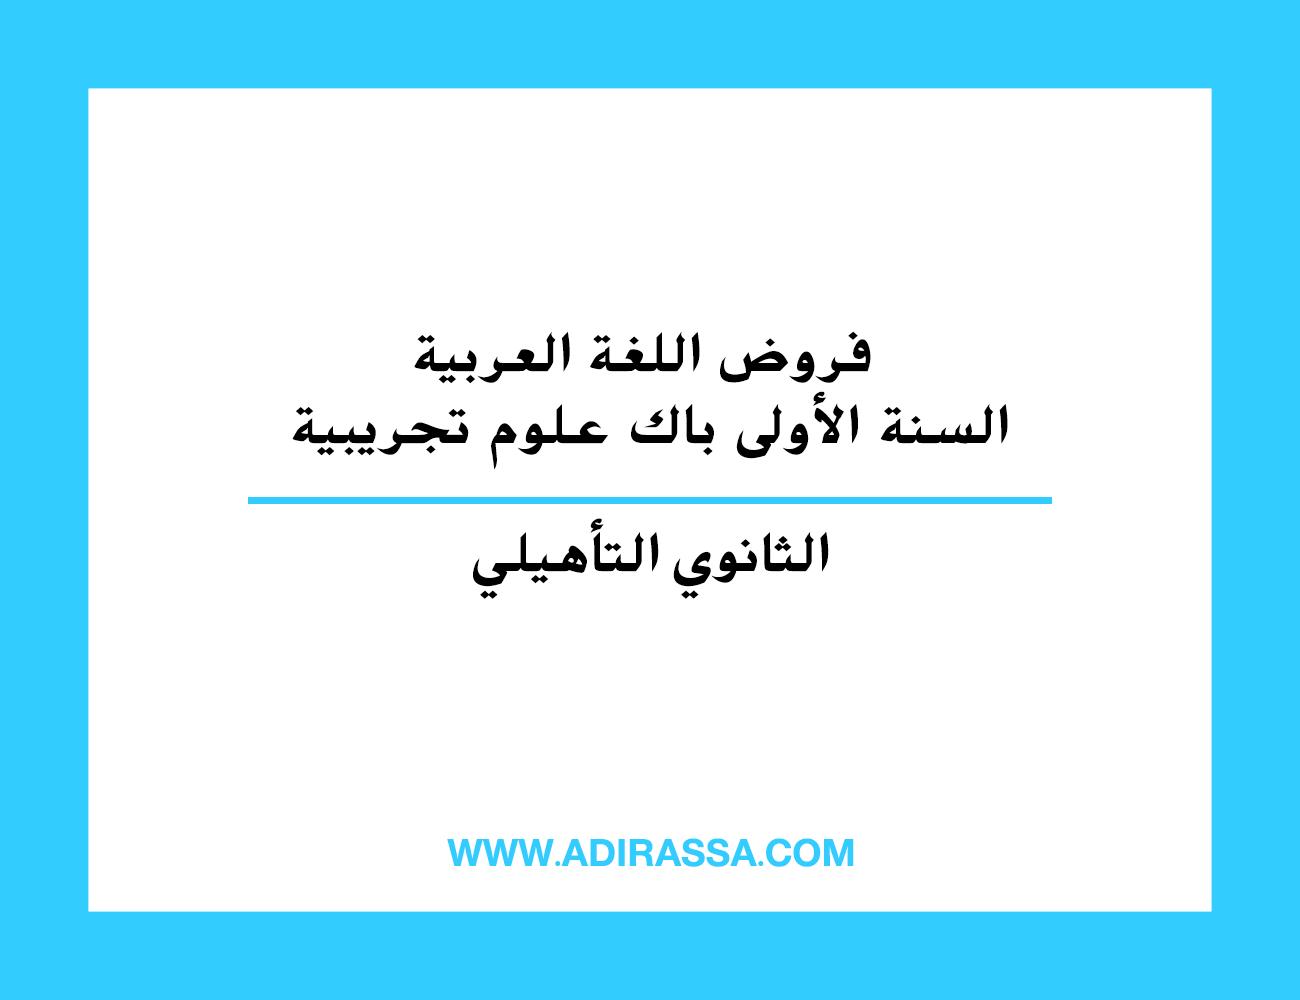 فروض-اللغة-العربية-السنة-الأولى-باك-علوم-تجريبية-بالثانوي-التأهيلي